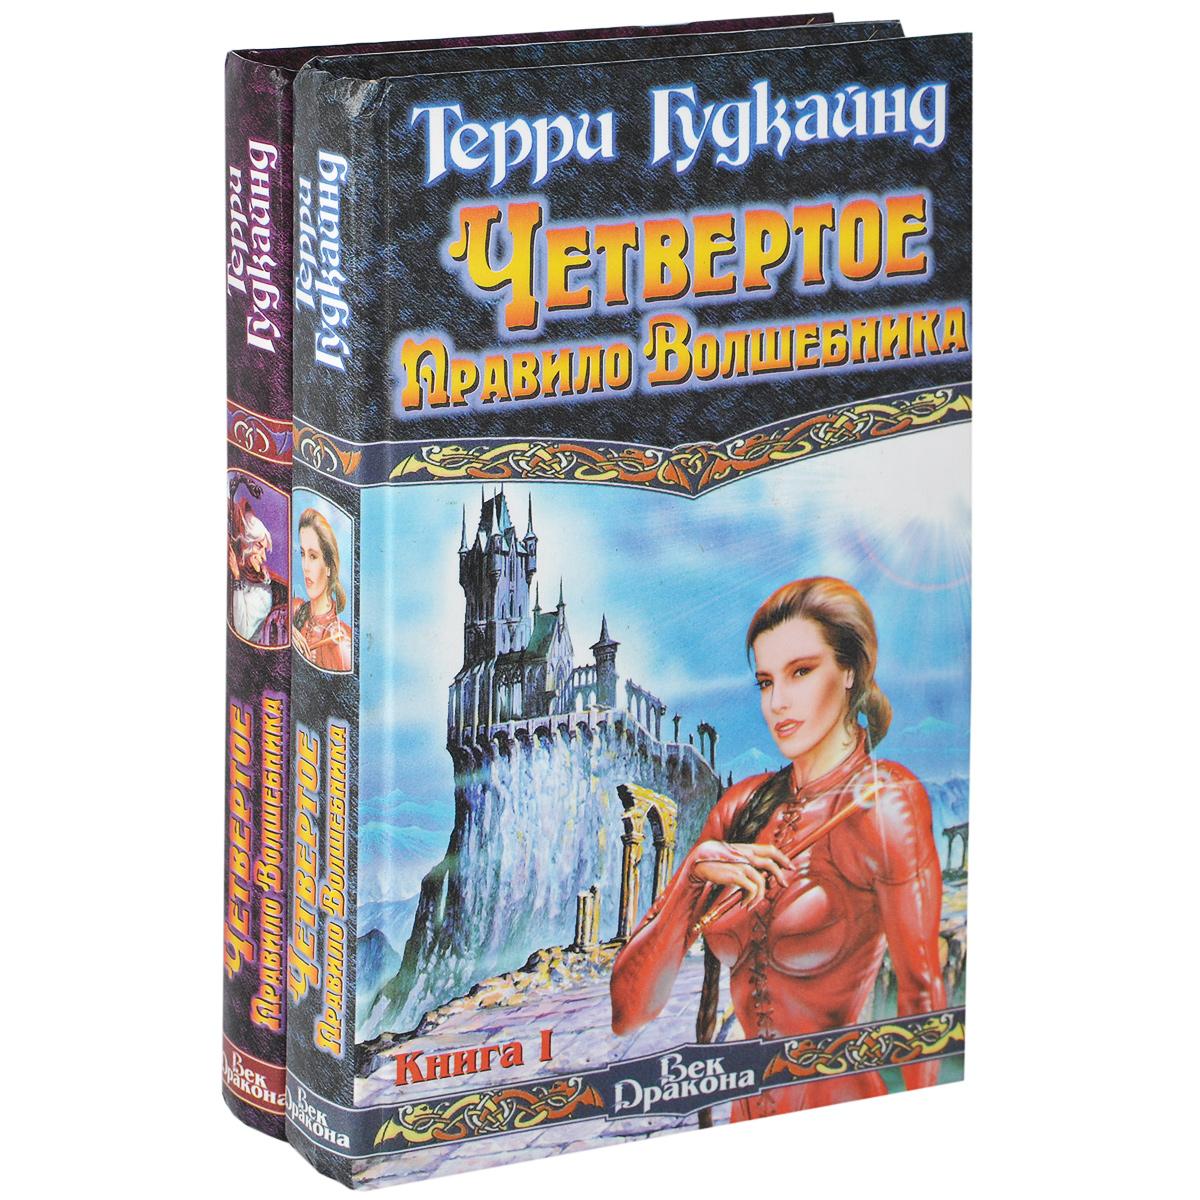 Терри Гудкайнд Четвертое Правило Волшебника, или Храм Ветров. В 2 книгах (комплект из 2 книг)